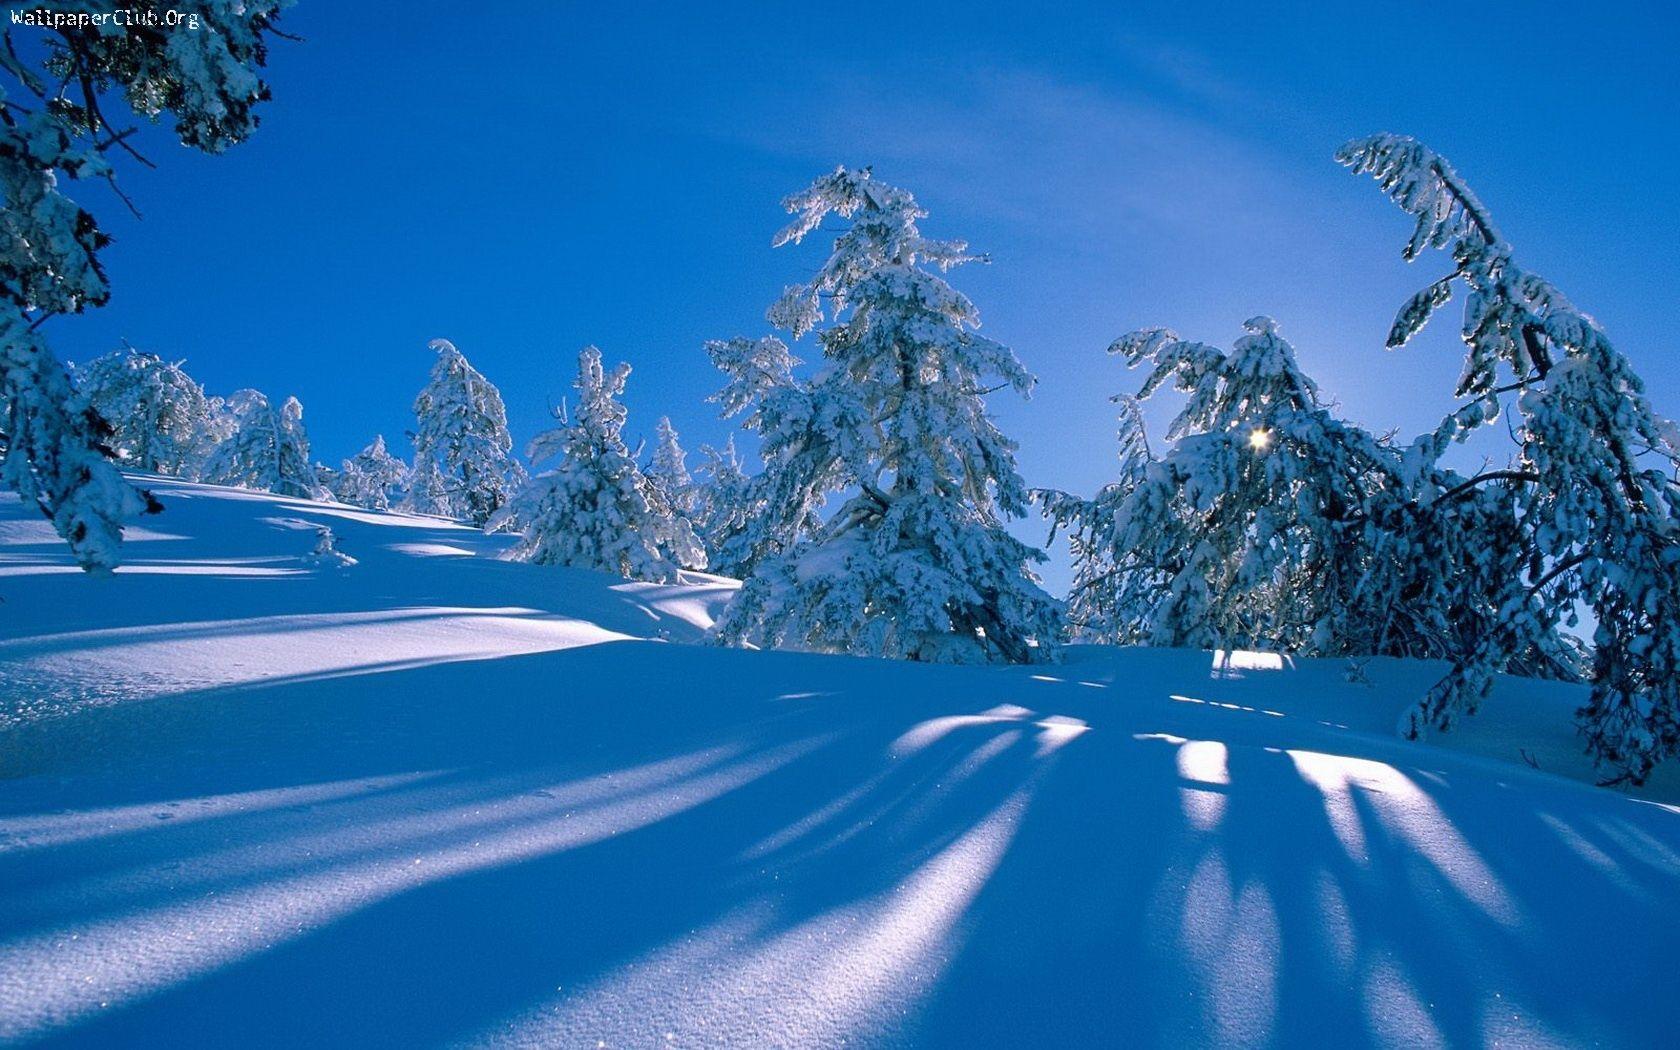 Snow Scenes Desktop Background desktop wallpaper 1680x1050